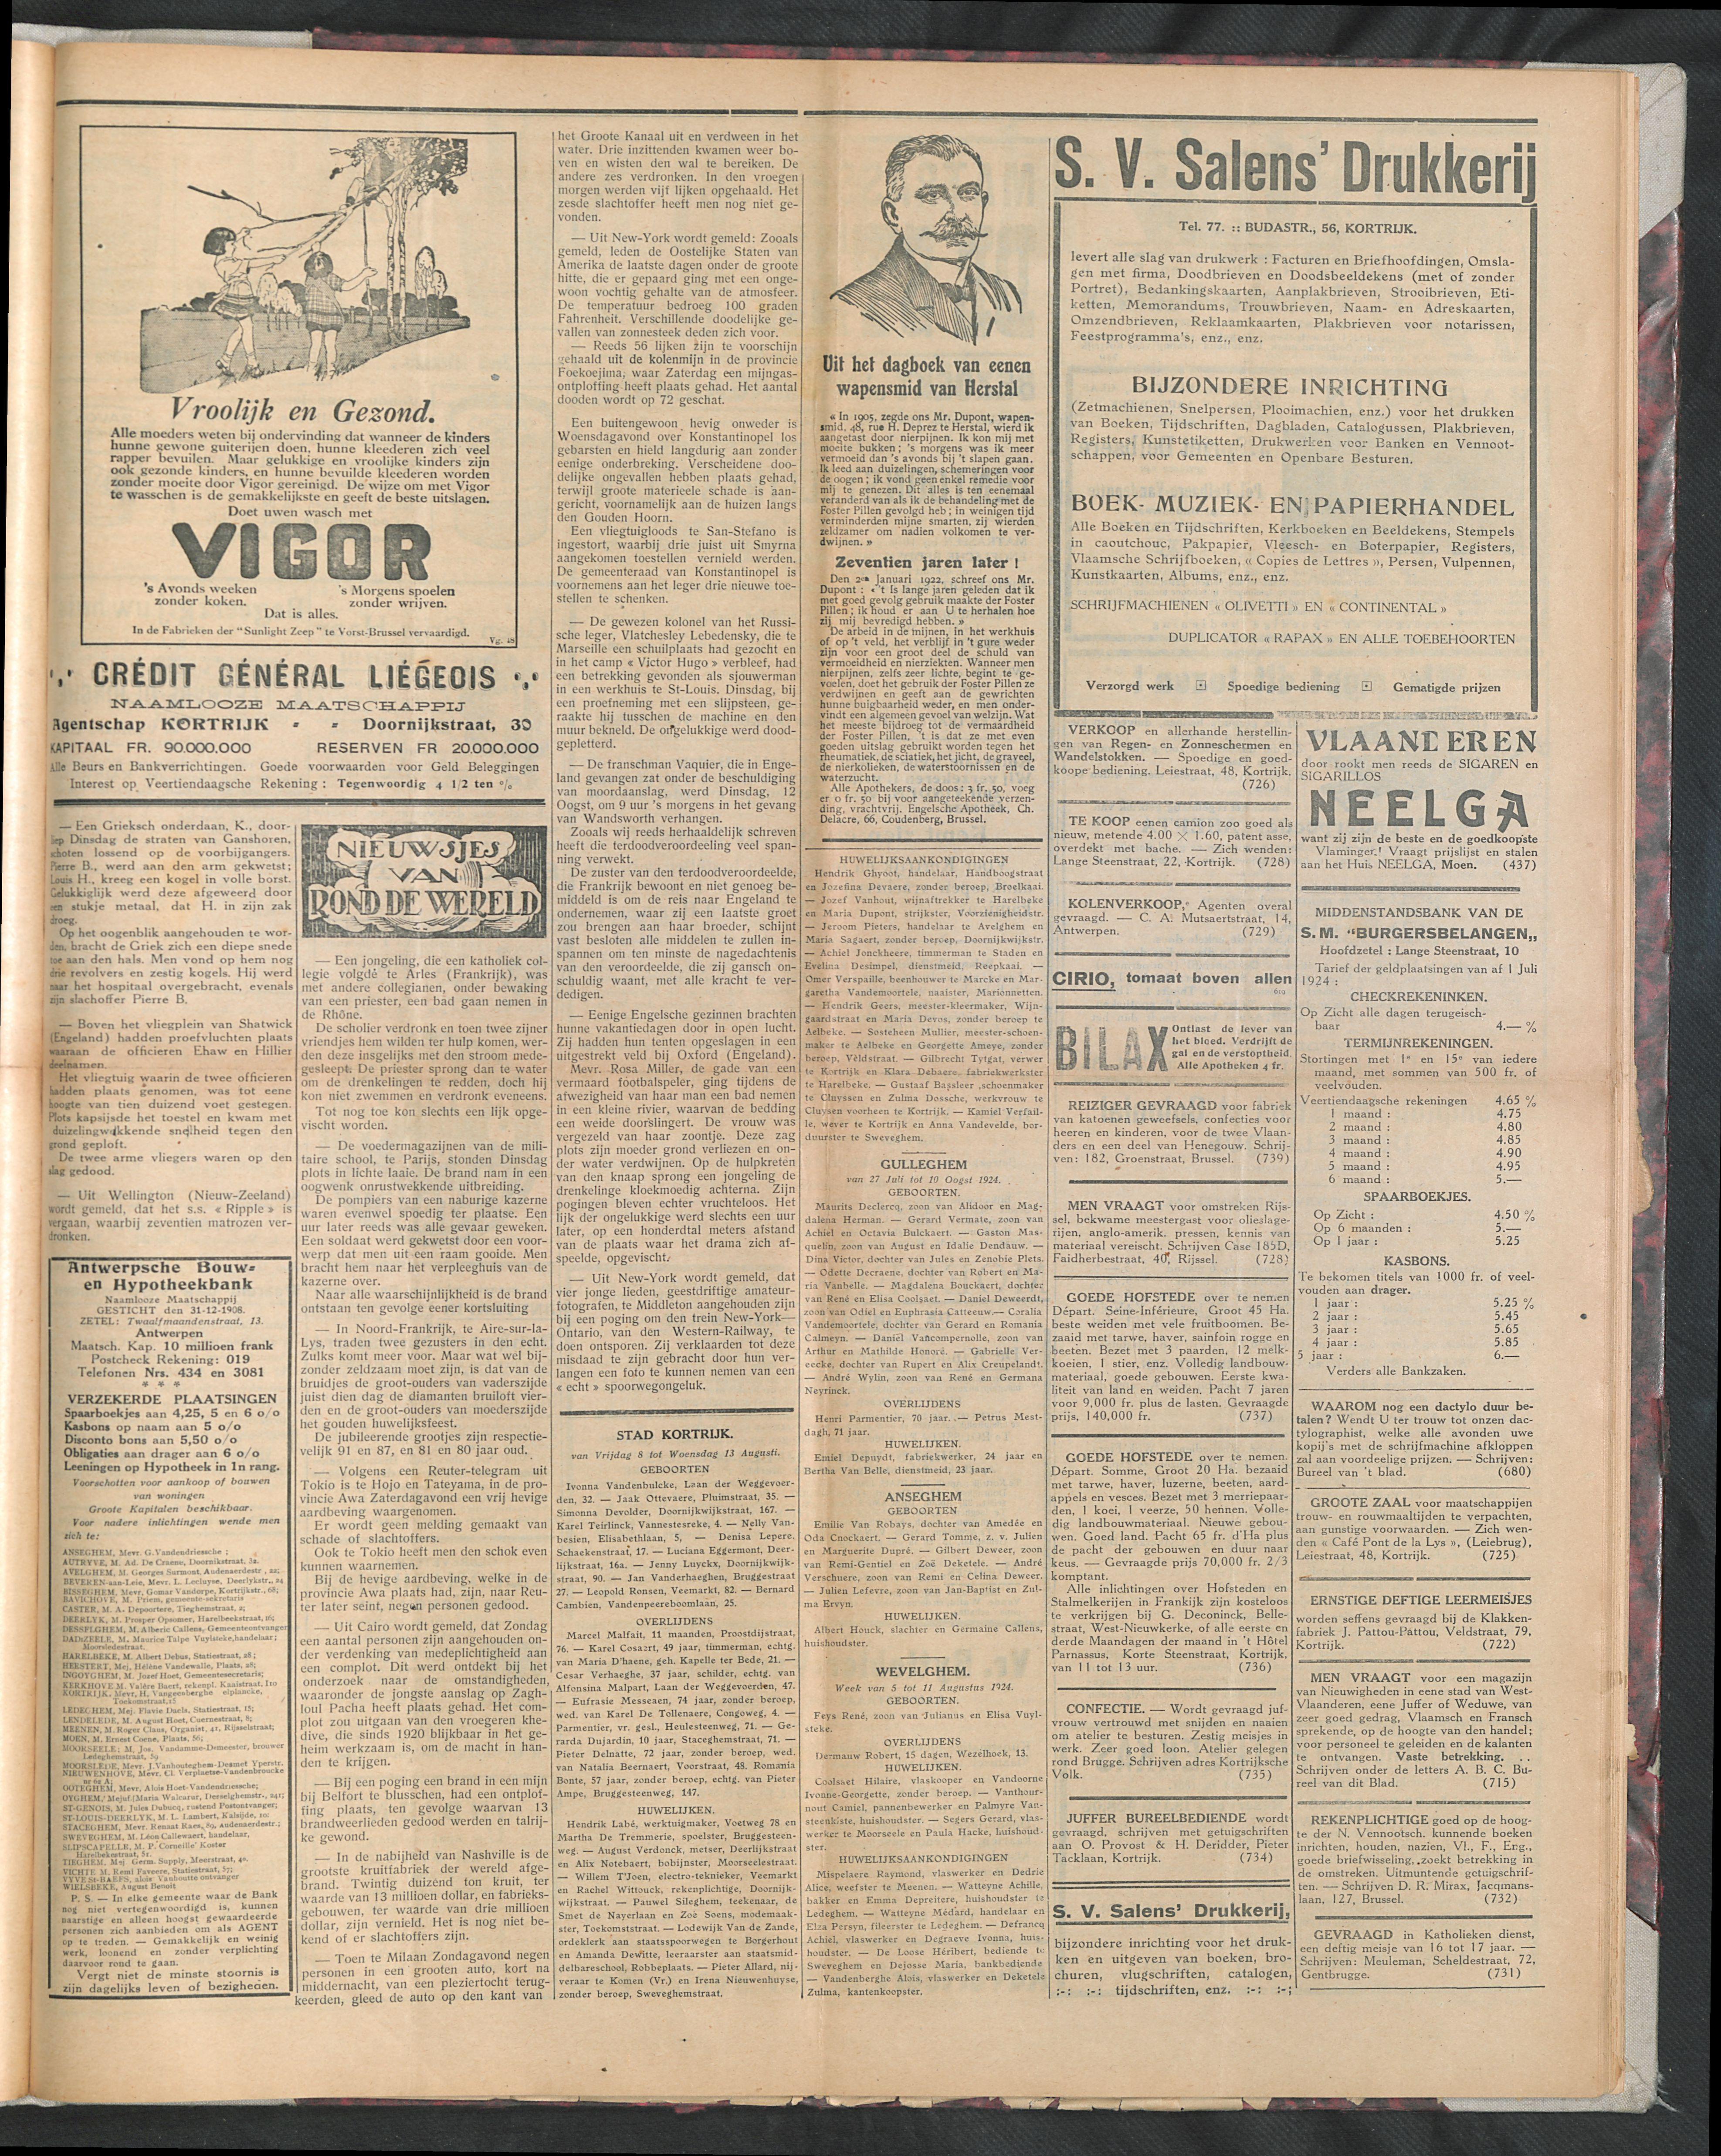 Het Kortrijksche Volk 1924-08-17 p3